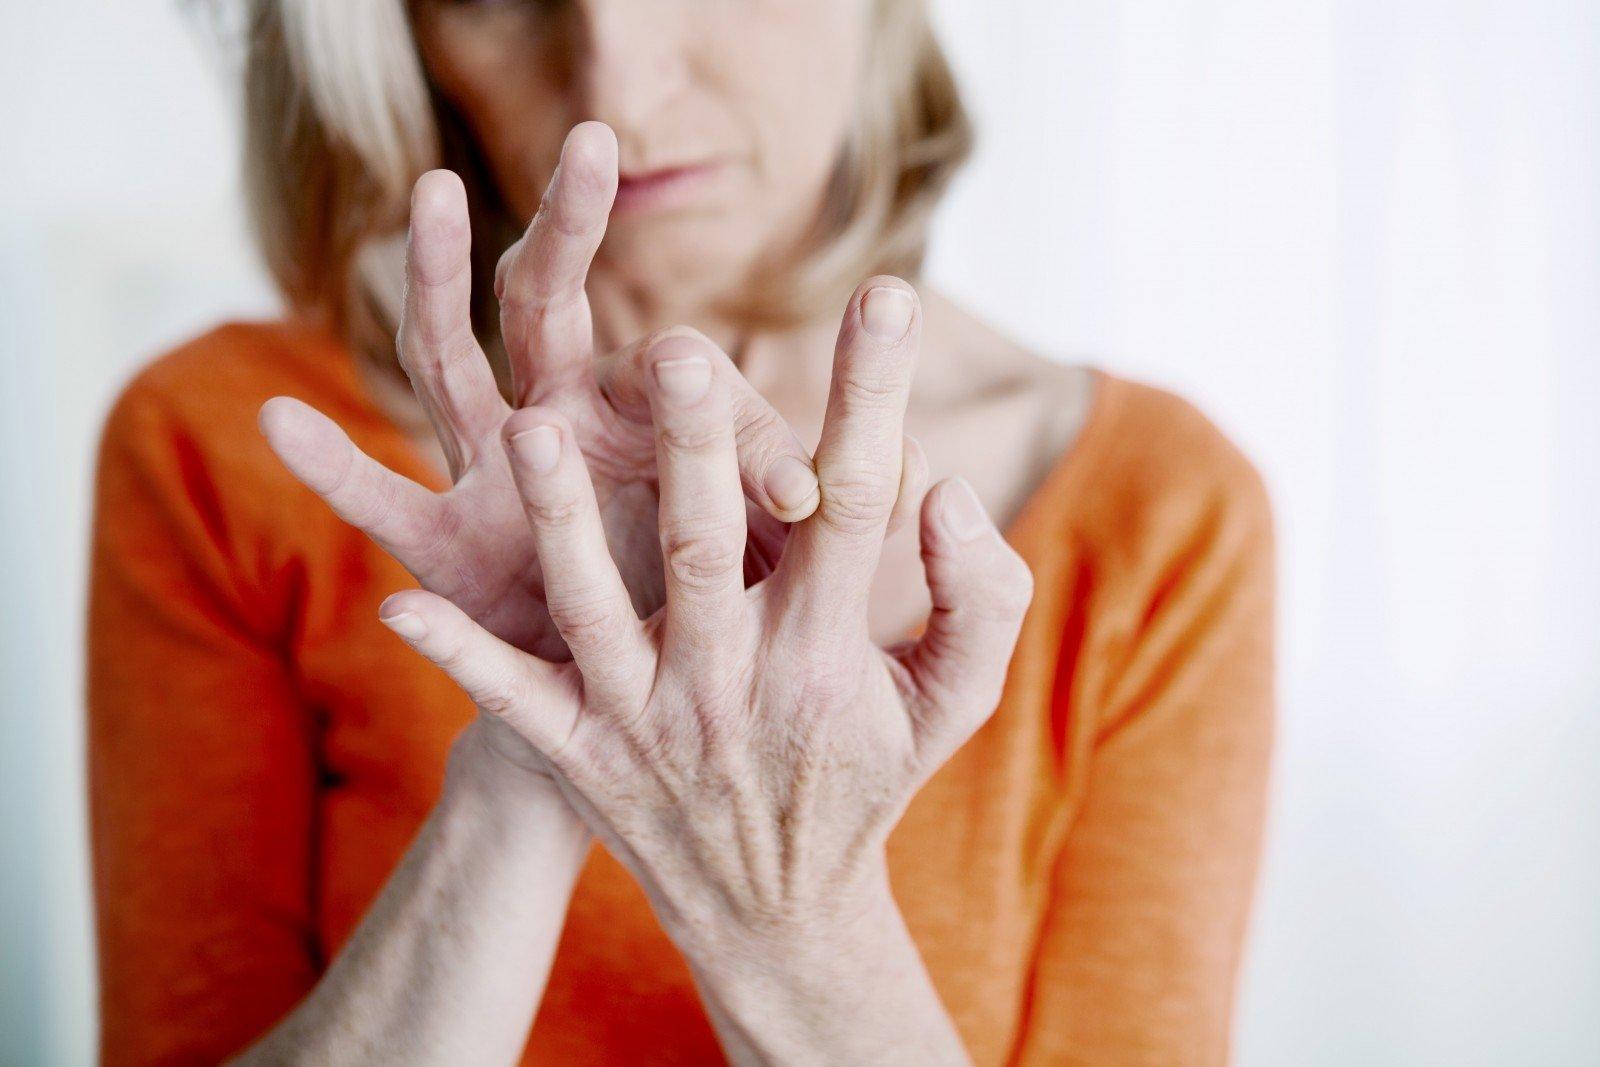 kaip gydyti artrito amerikos